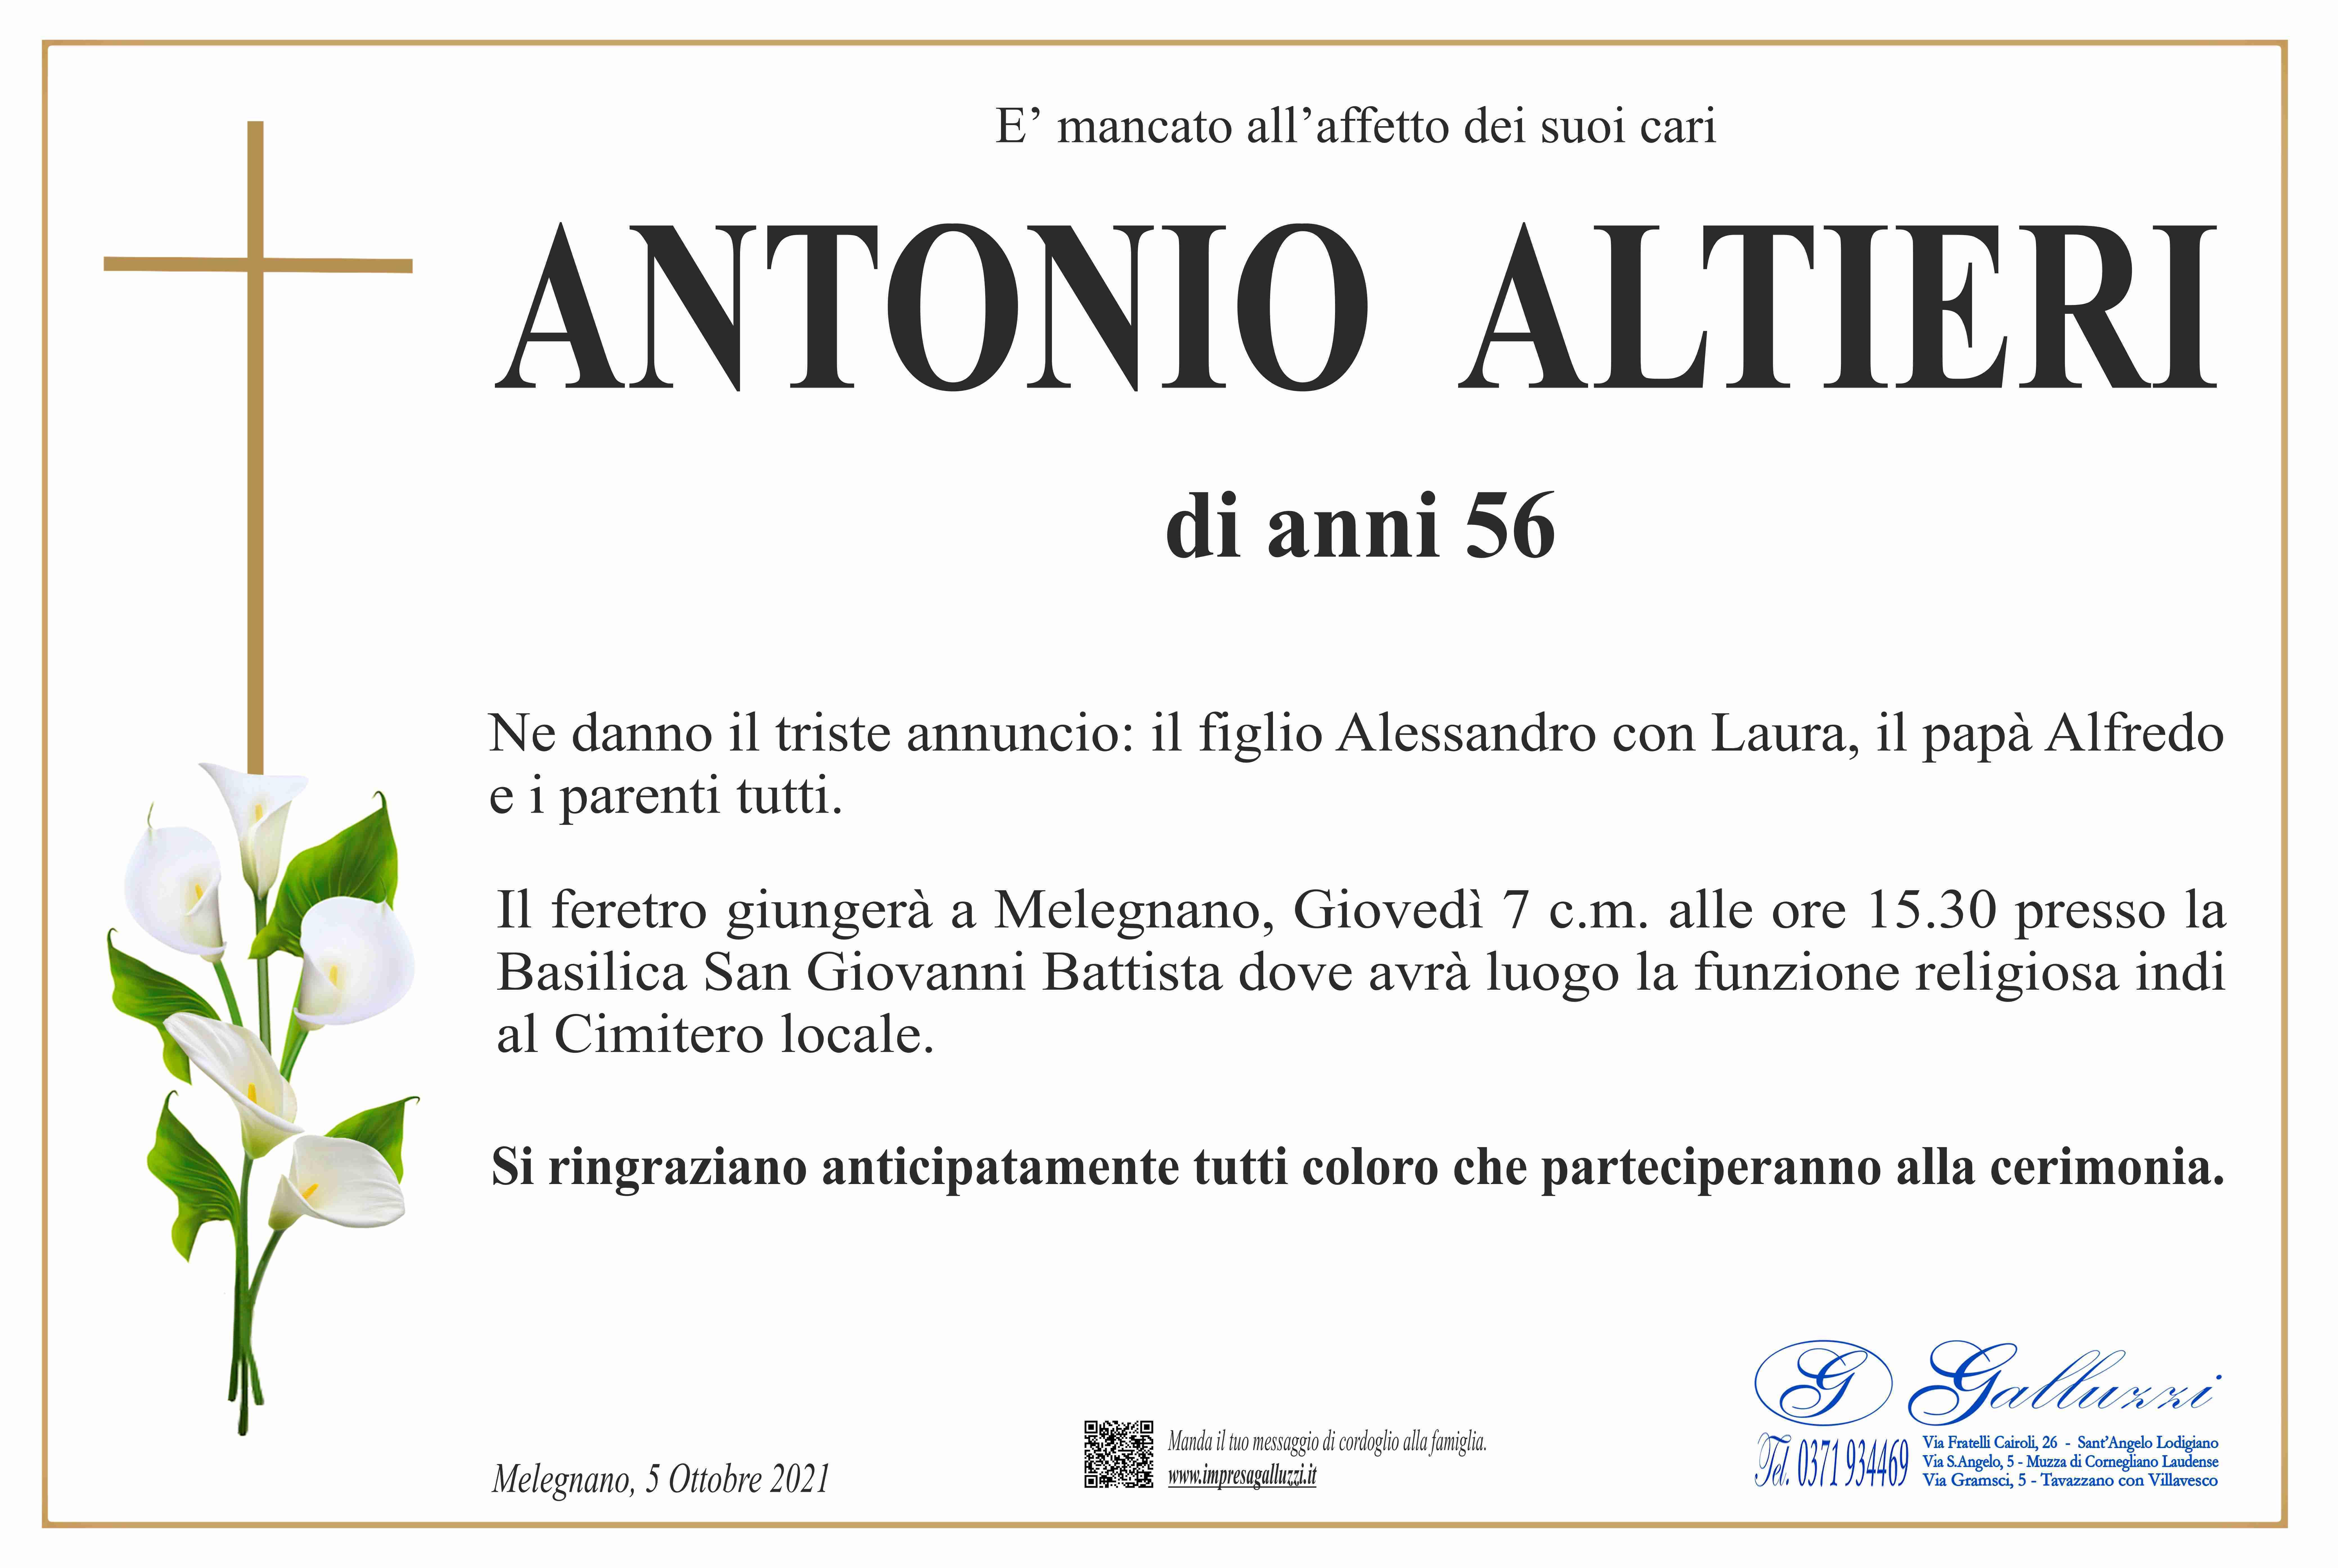 Antonio Altieri